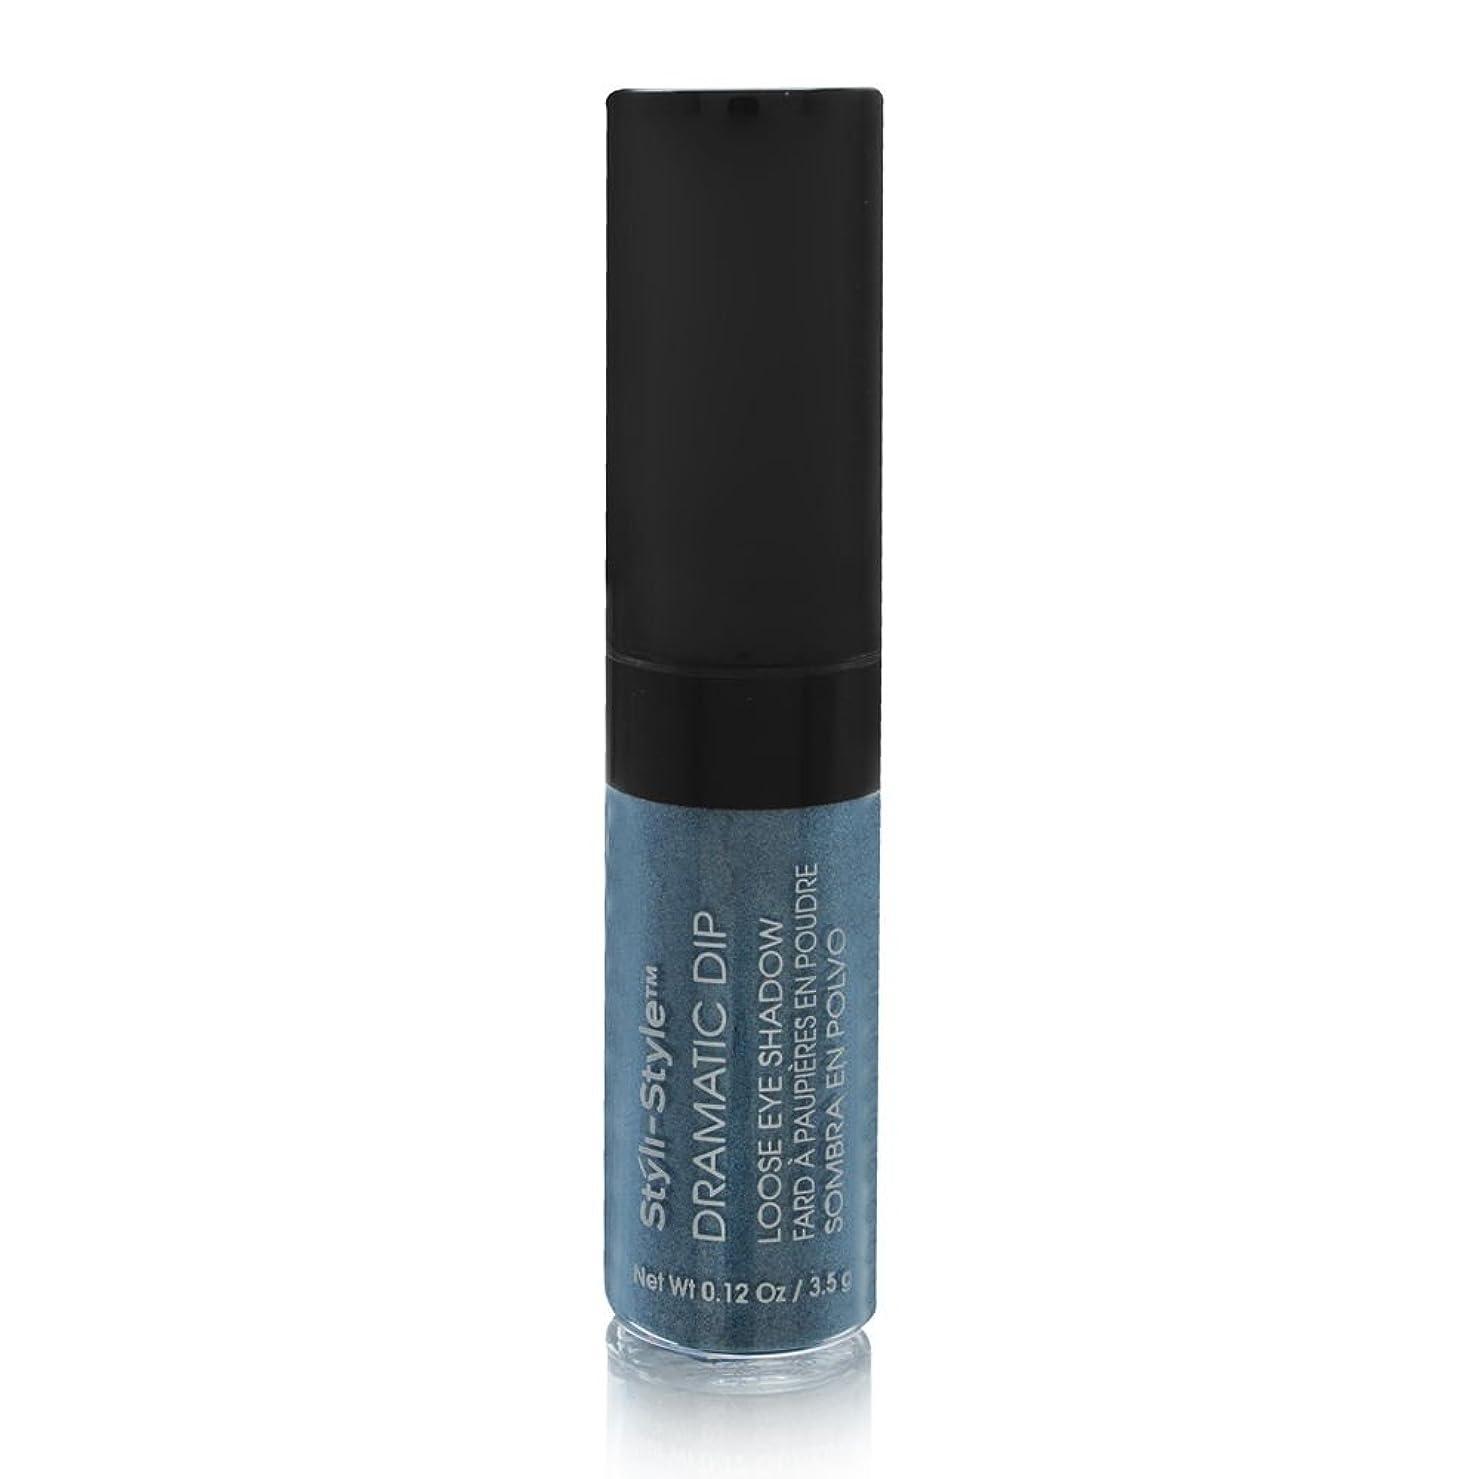 追放ボトル制限するStyli-style Cosmetics スタイラススタイルの劇的なディップルースアイシャドウシーブリーズ